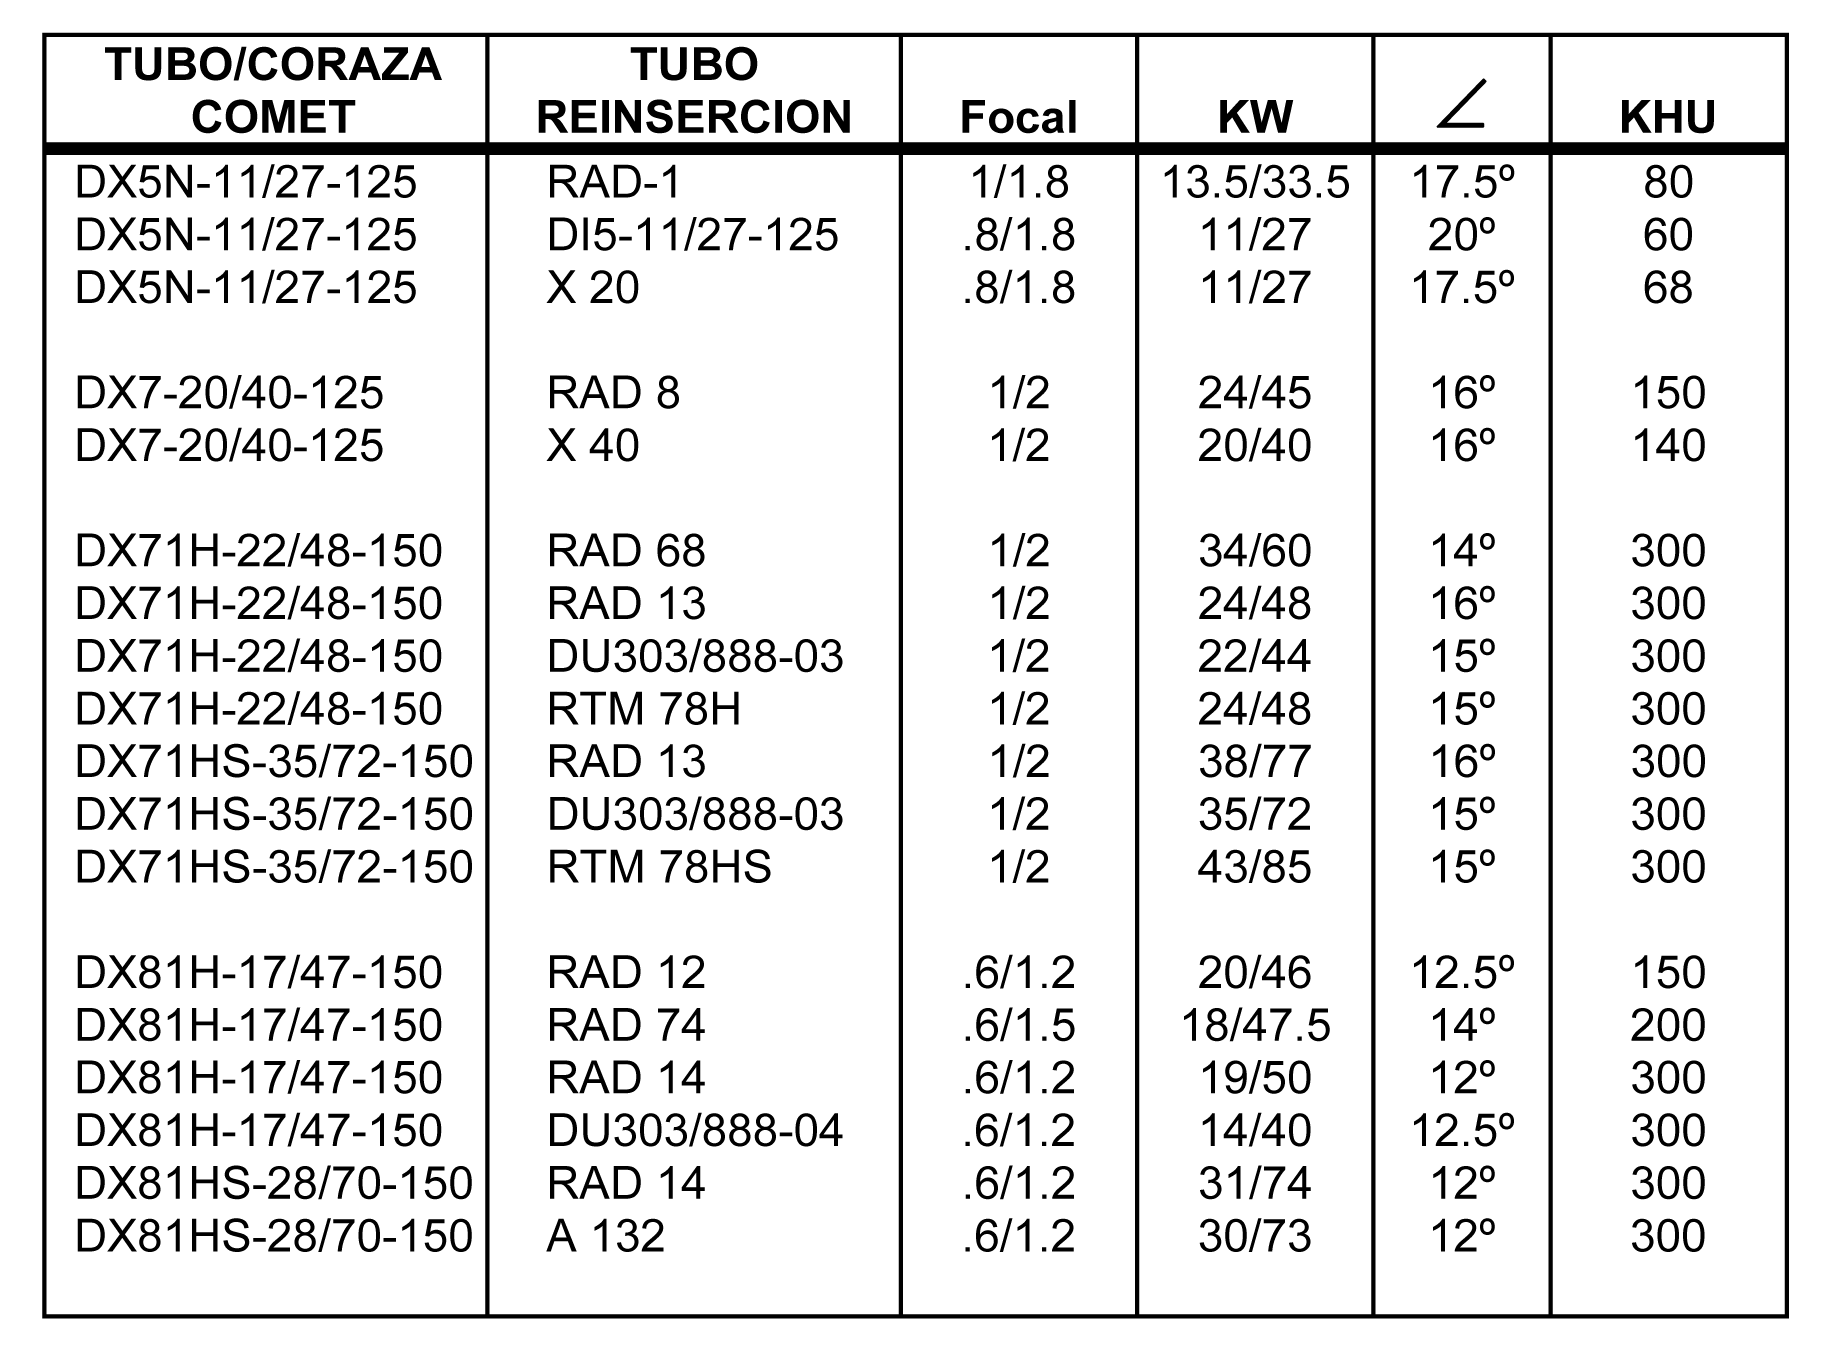 5-COMET-11